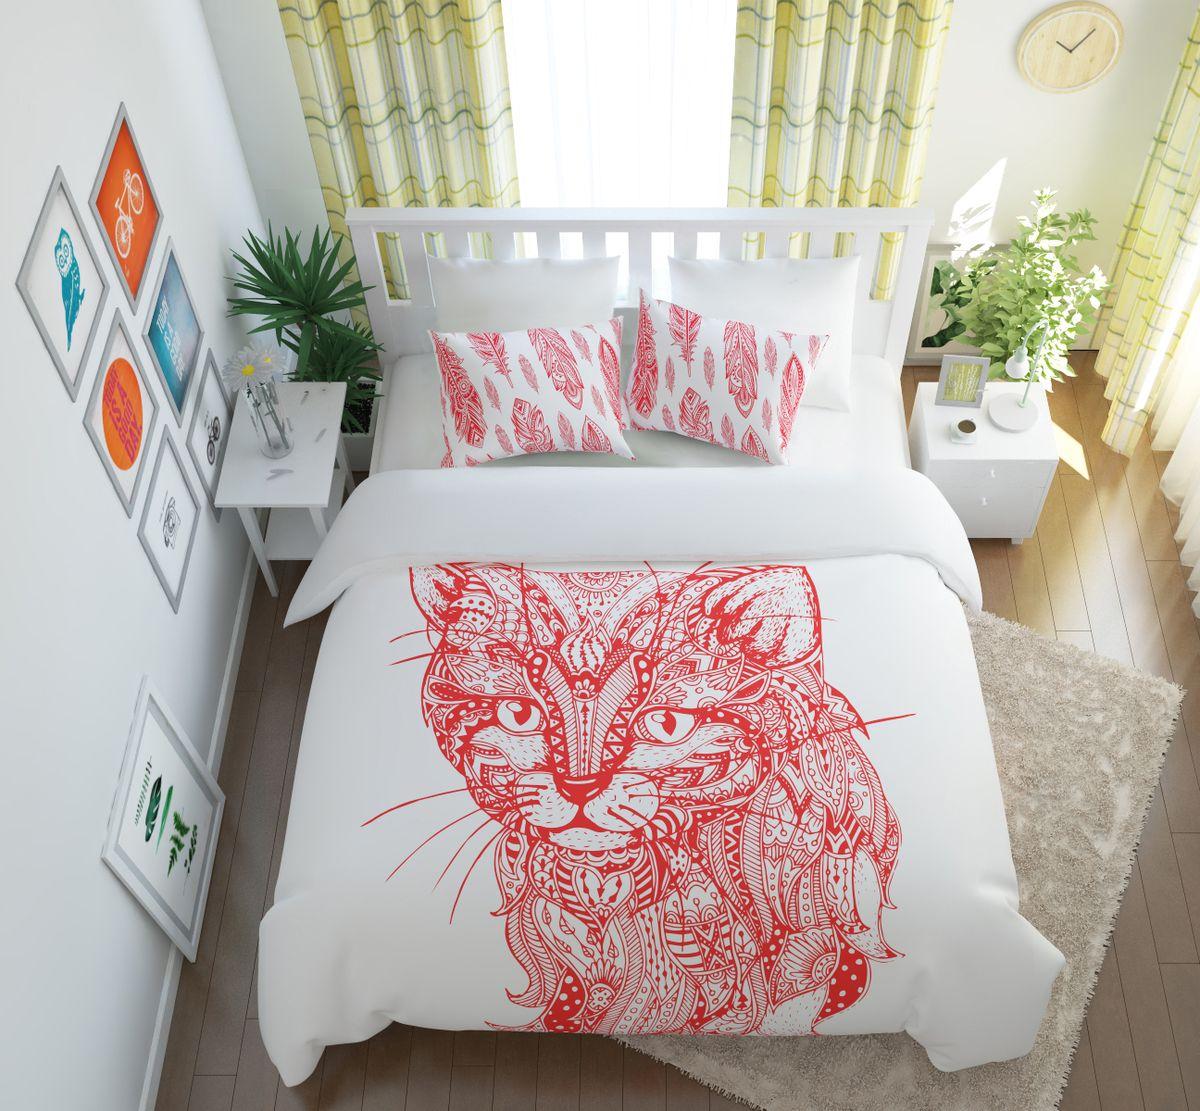 Комплект белья Сирень Волшебный кот, 1,5-спальный, наволочки 50x7010503Комплект постельного белья Сирень состоит из простыни, пододеяльника и 2 наволочек. Комплект выполнен из современных гипоаллергенных материалов. Приятный при прикосновении сатин - гарантия здорового, спокойного сна. Ткань хорошо впитывает влагу, надолго сохраняет яркость красок. Четкий, изящный рисунок в сочетании с насыщенными красками делает комплект постельного белья неповторимой изюминкой любого интерьера. Постельное белье идеально подойдет для подарка.